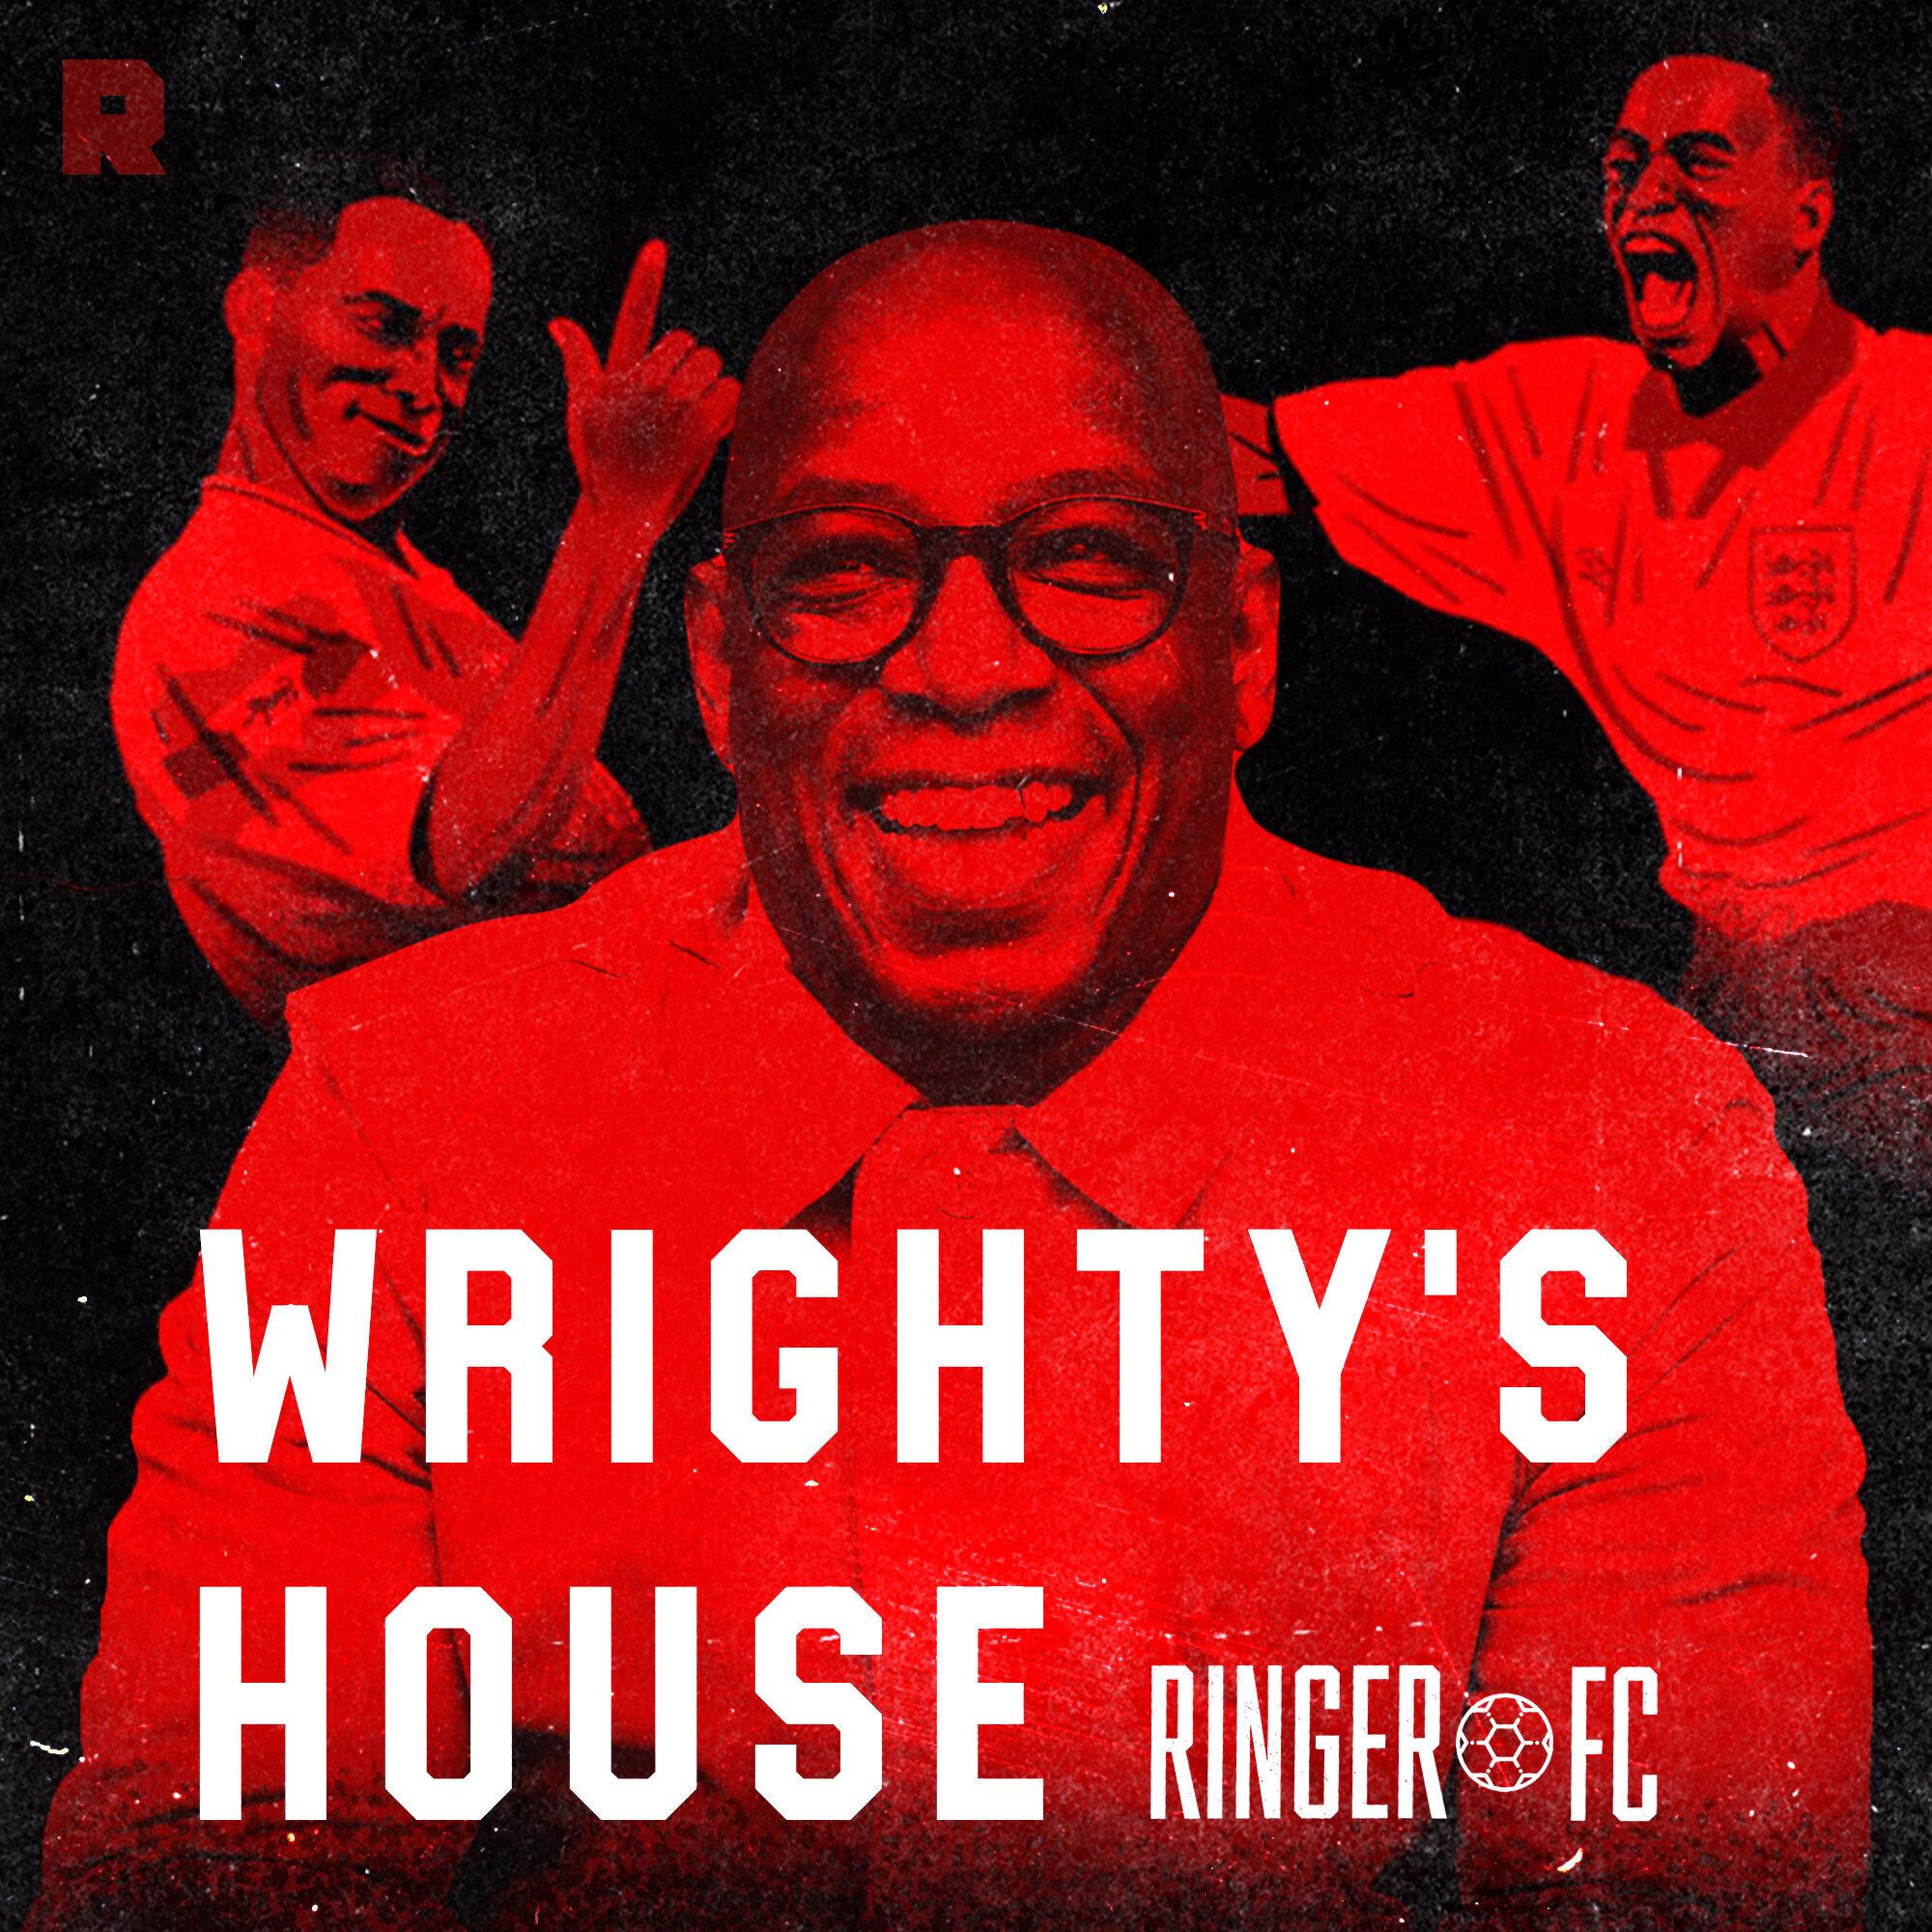 wrightys house播客徽标